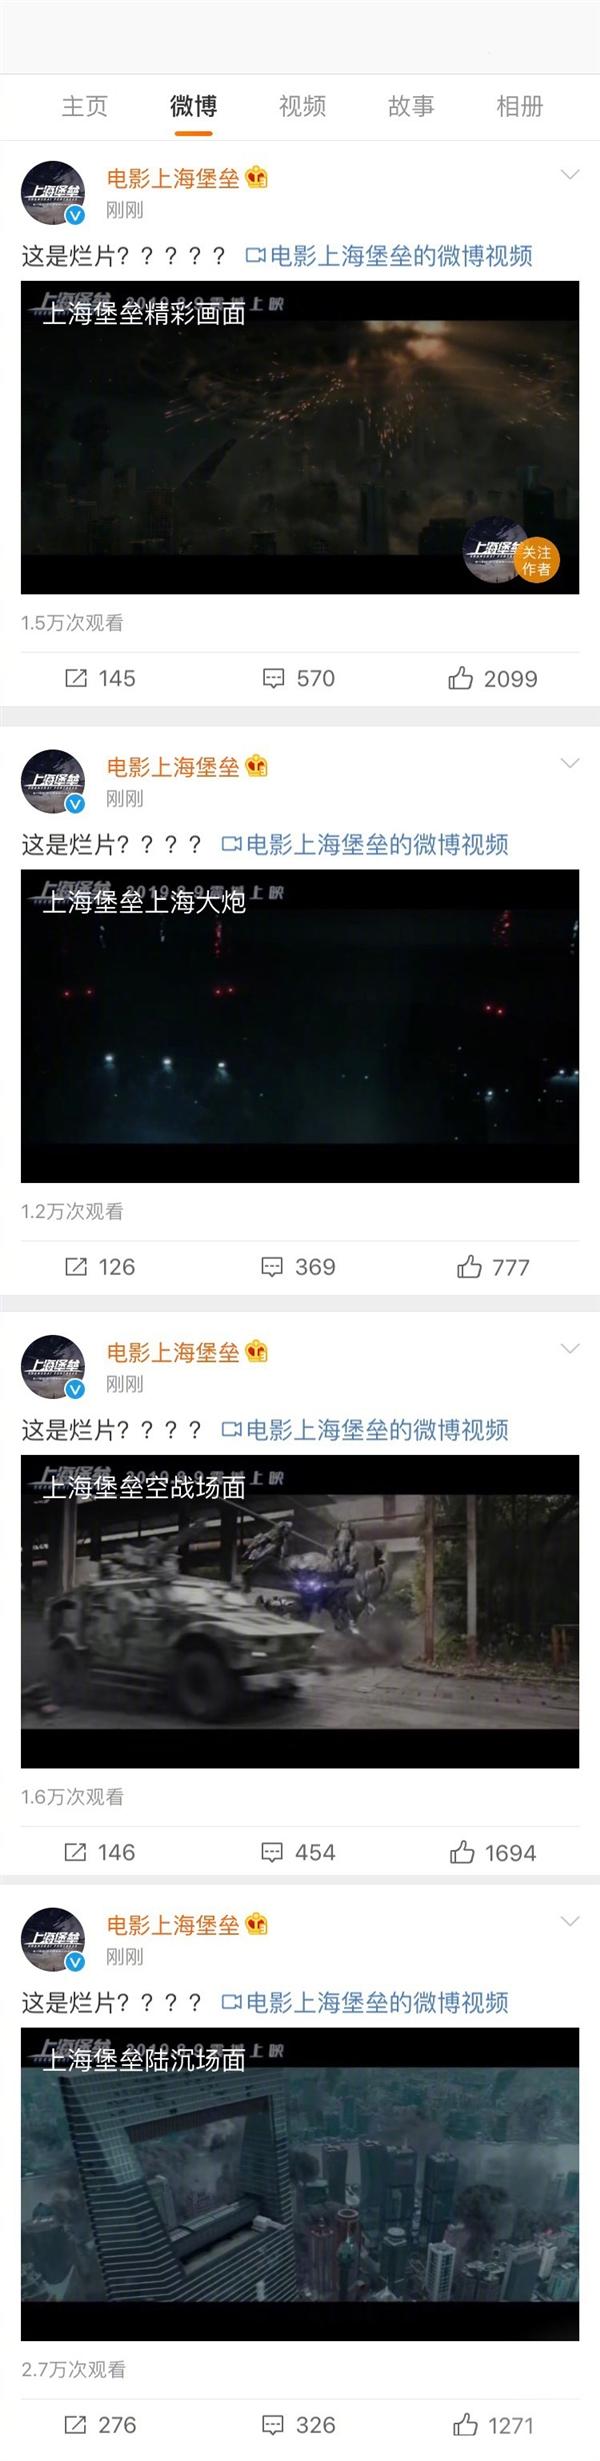 官方回击:《上海堡垒》是烂片????的照片 - 2